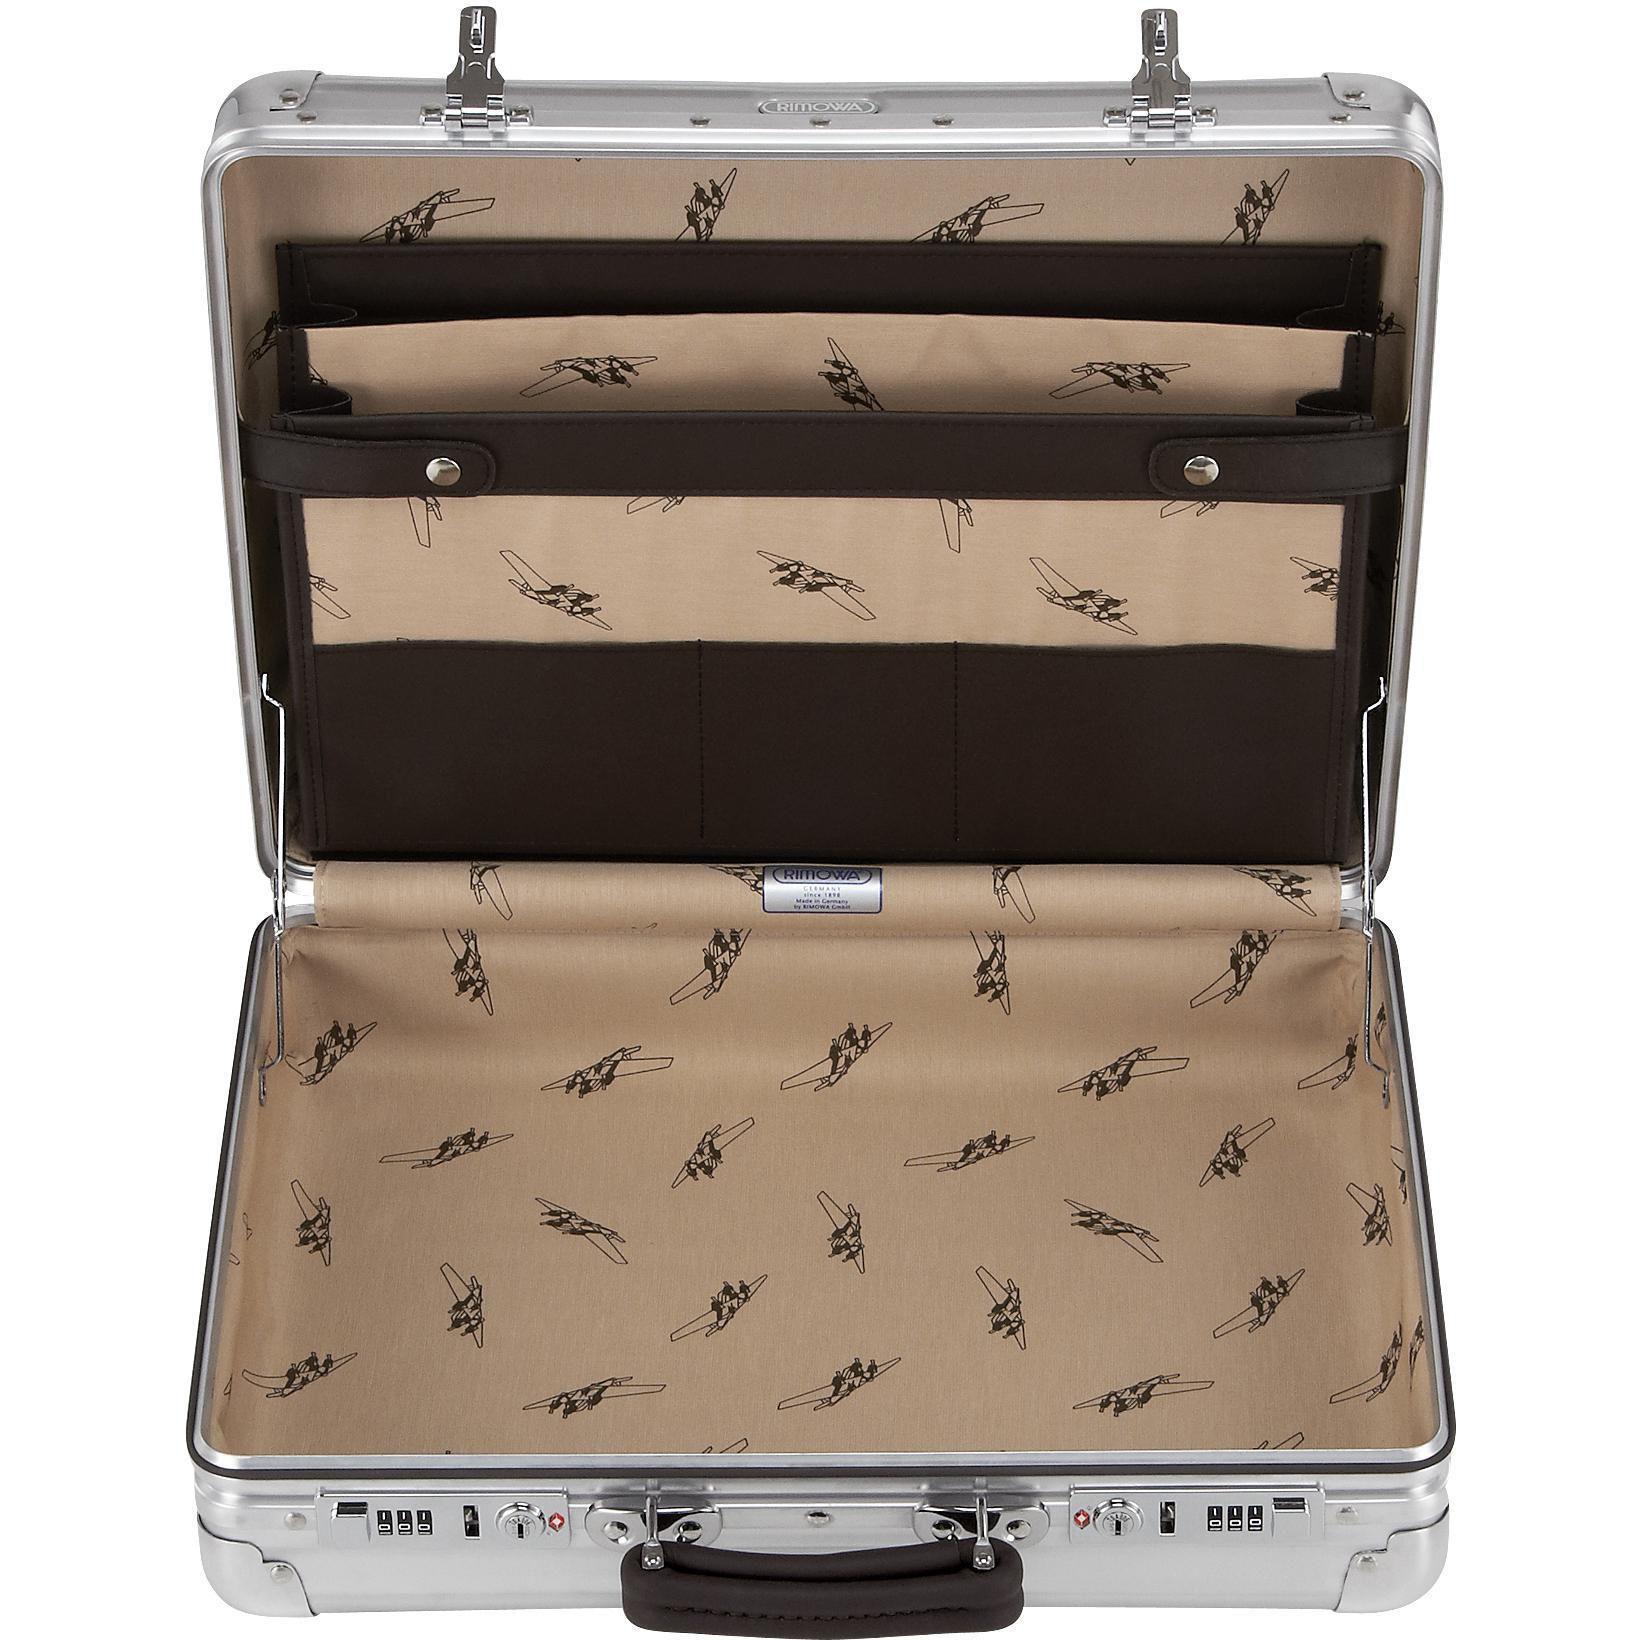 rimowa classic flight aktenkoffer kaufen bei markenkoffer. Black Bedroom Furniture Sets. Home Design Ideas